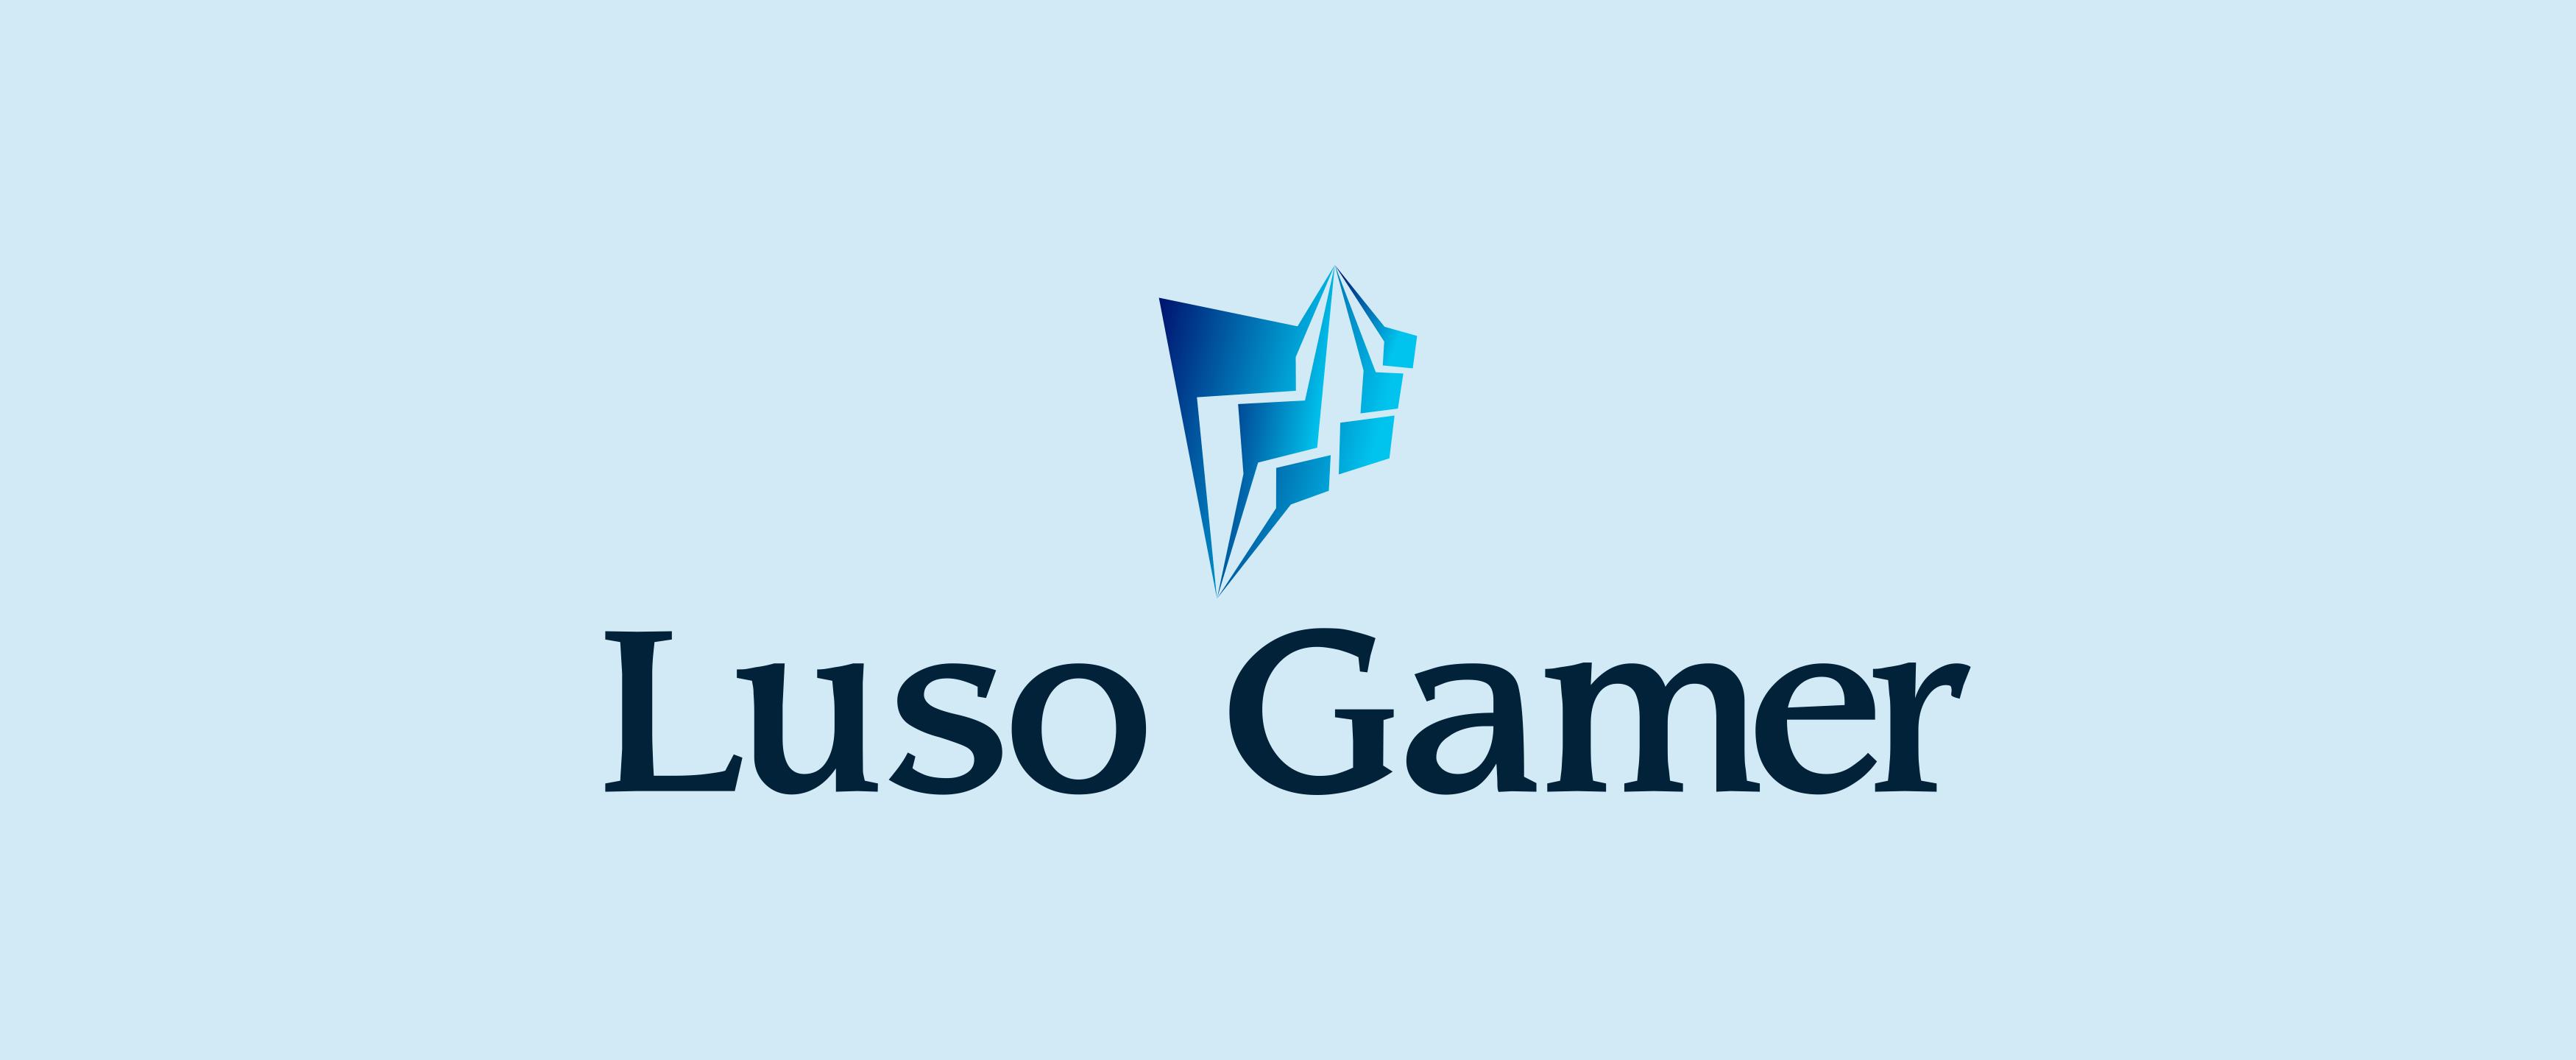 LusoGamer Social Cover